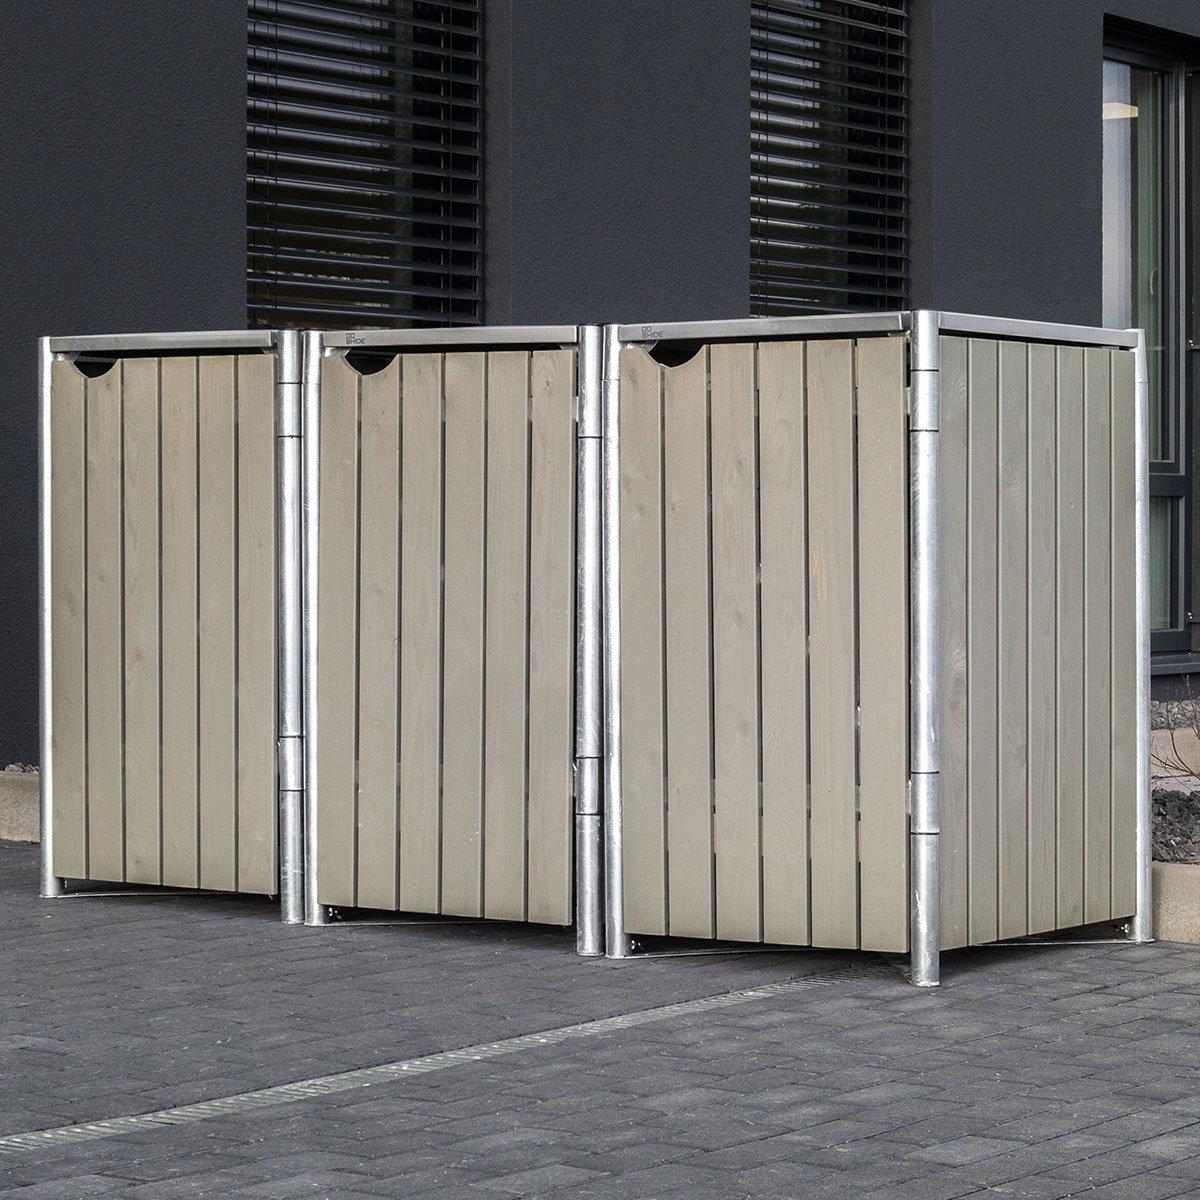 Mülltonnenbox Natur, feuerverzinkt, 3er Box, ca. 200 x 80 x 115 cm